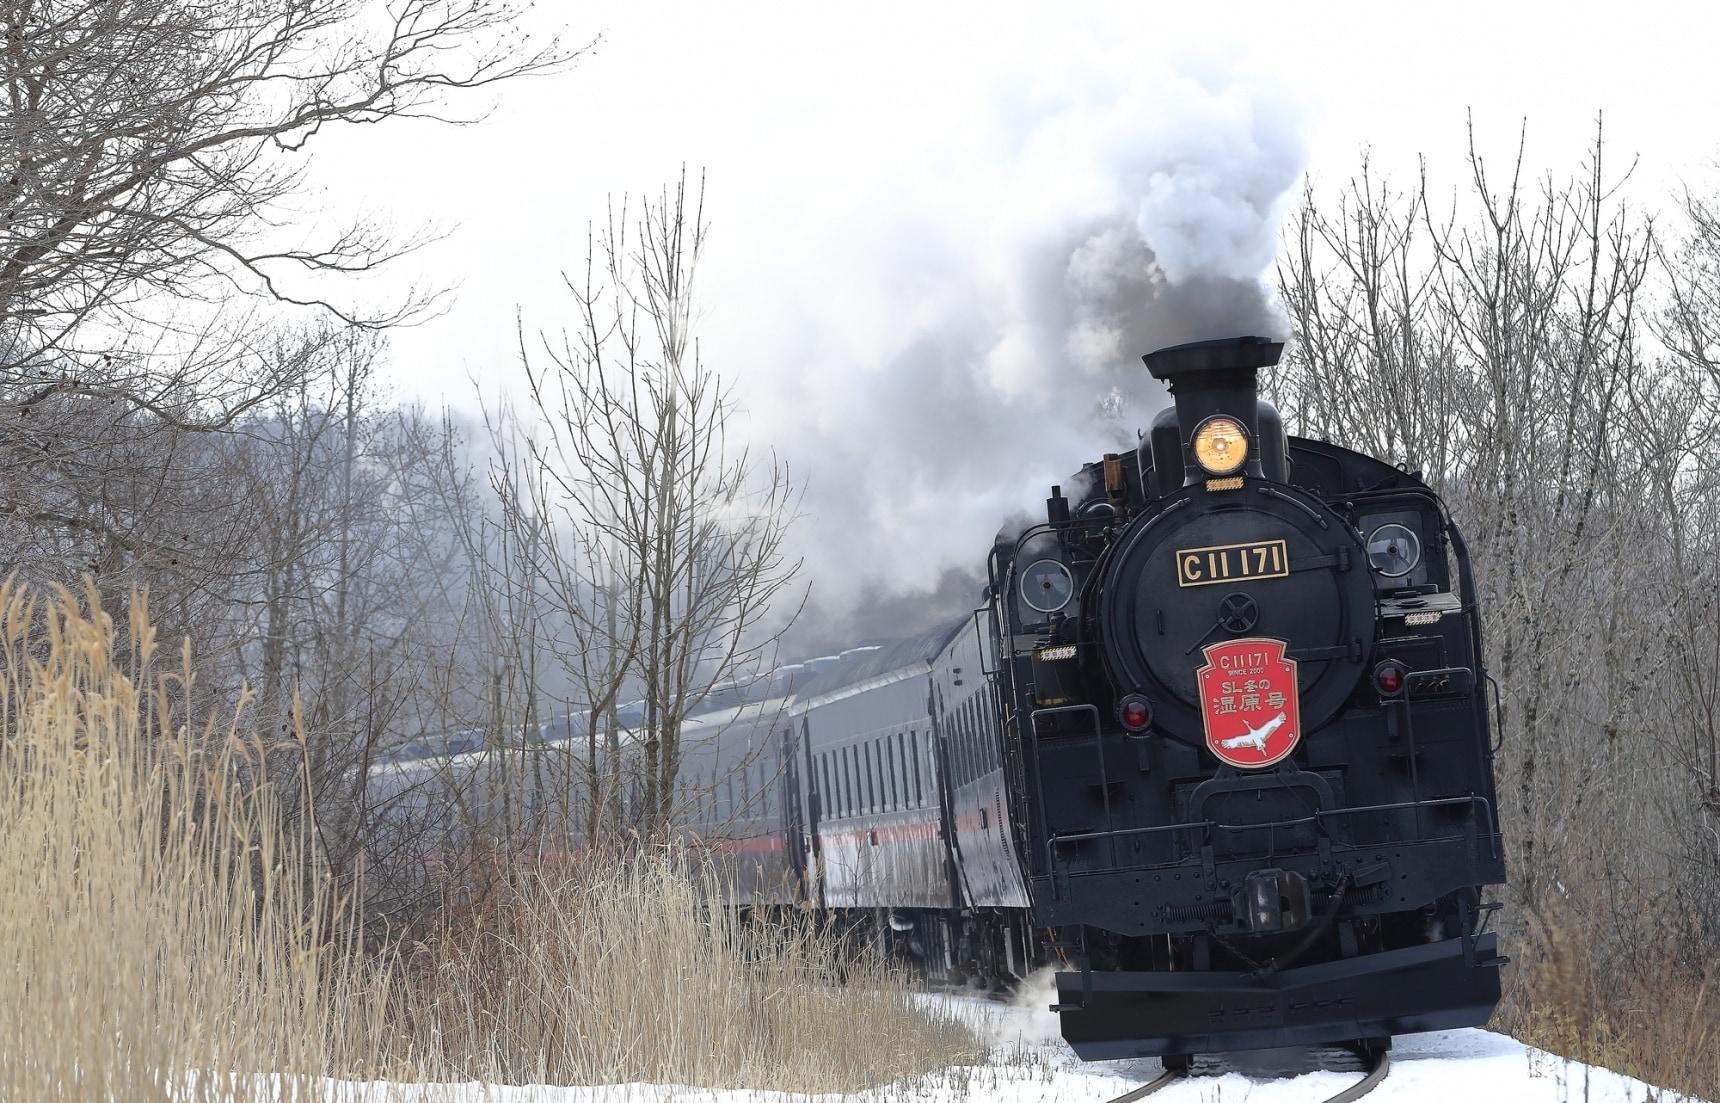 นั่งรถไฟหัวรถจักรไอน้ำโบราณกลางหิมะที่ฮอกไกโด